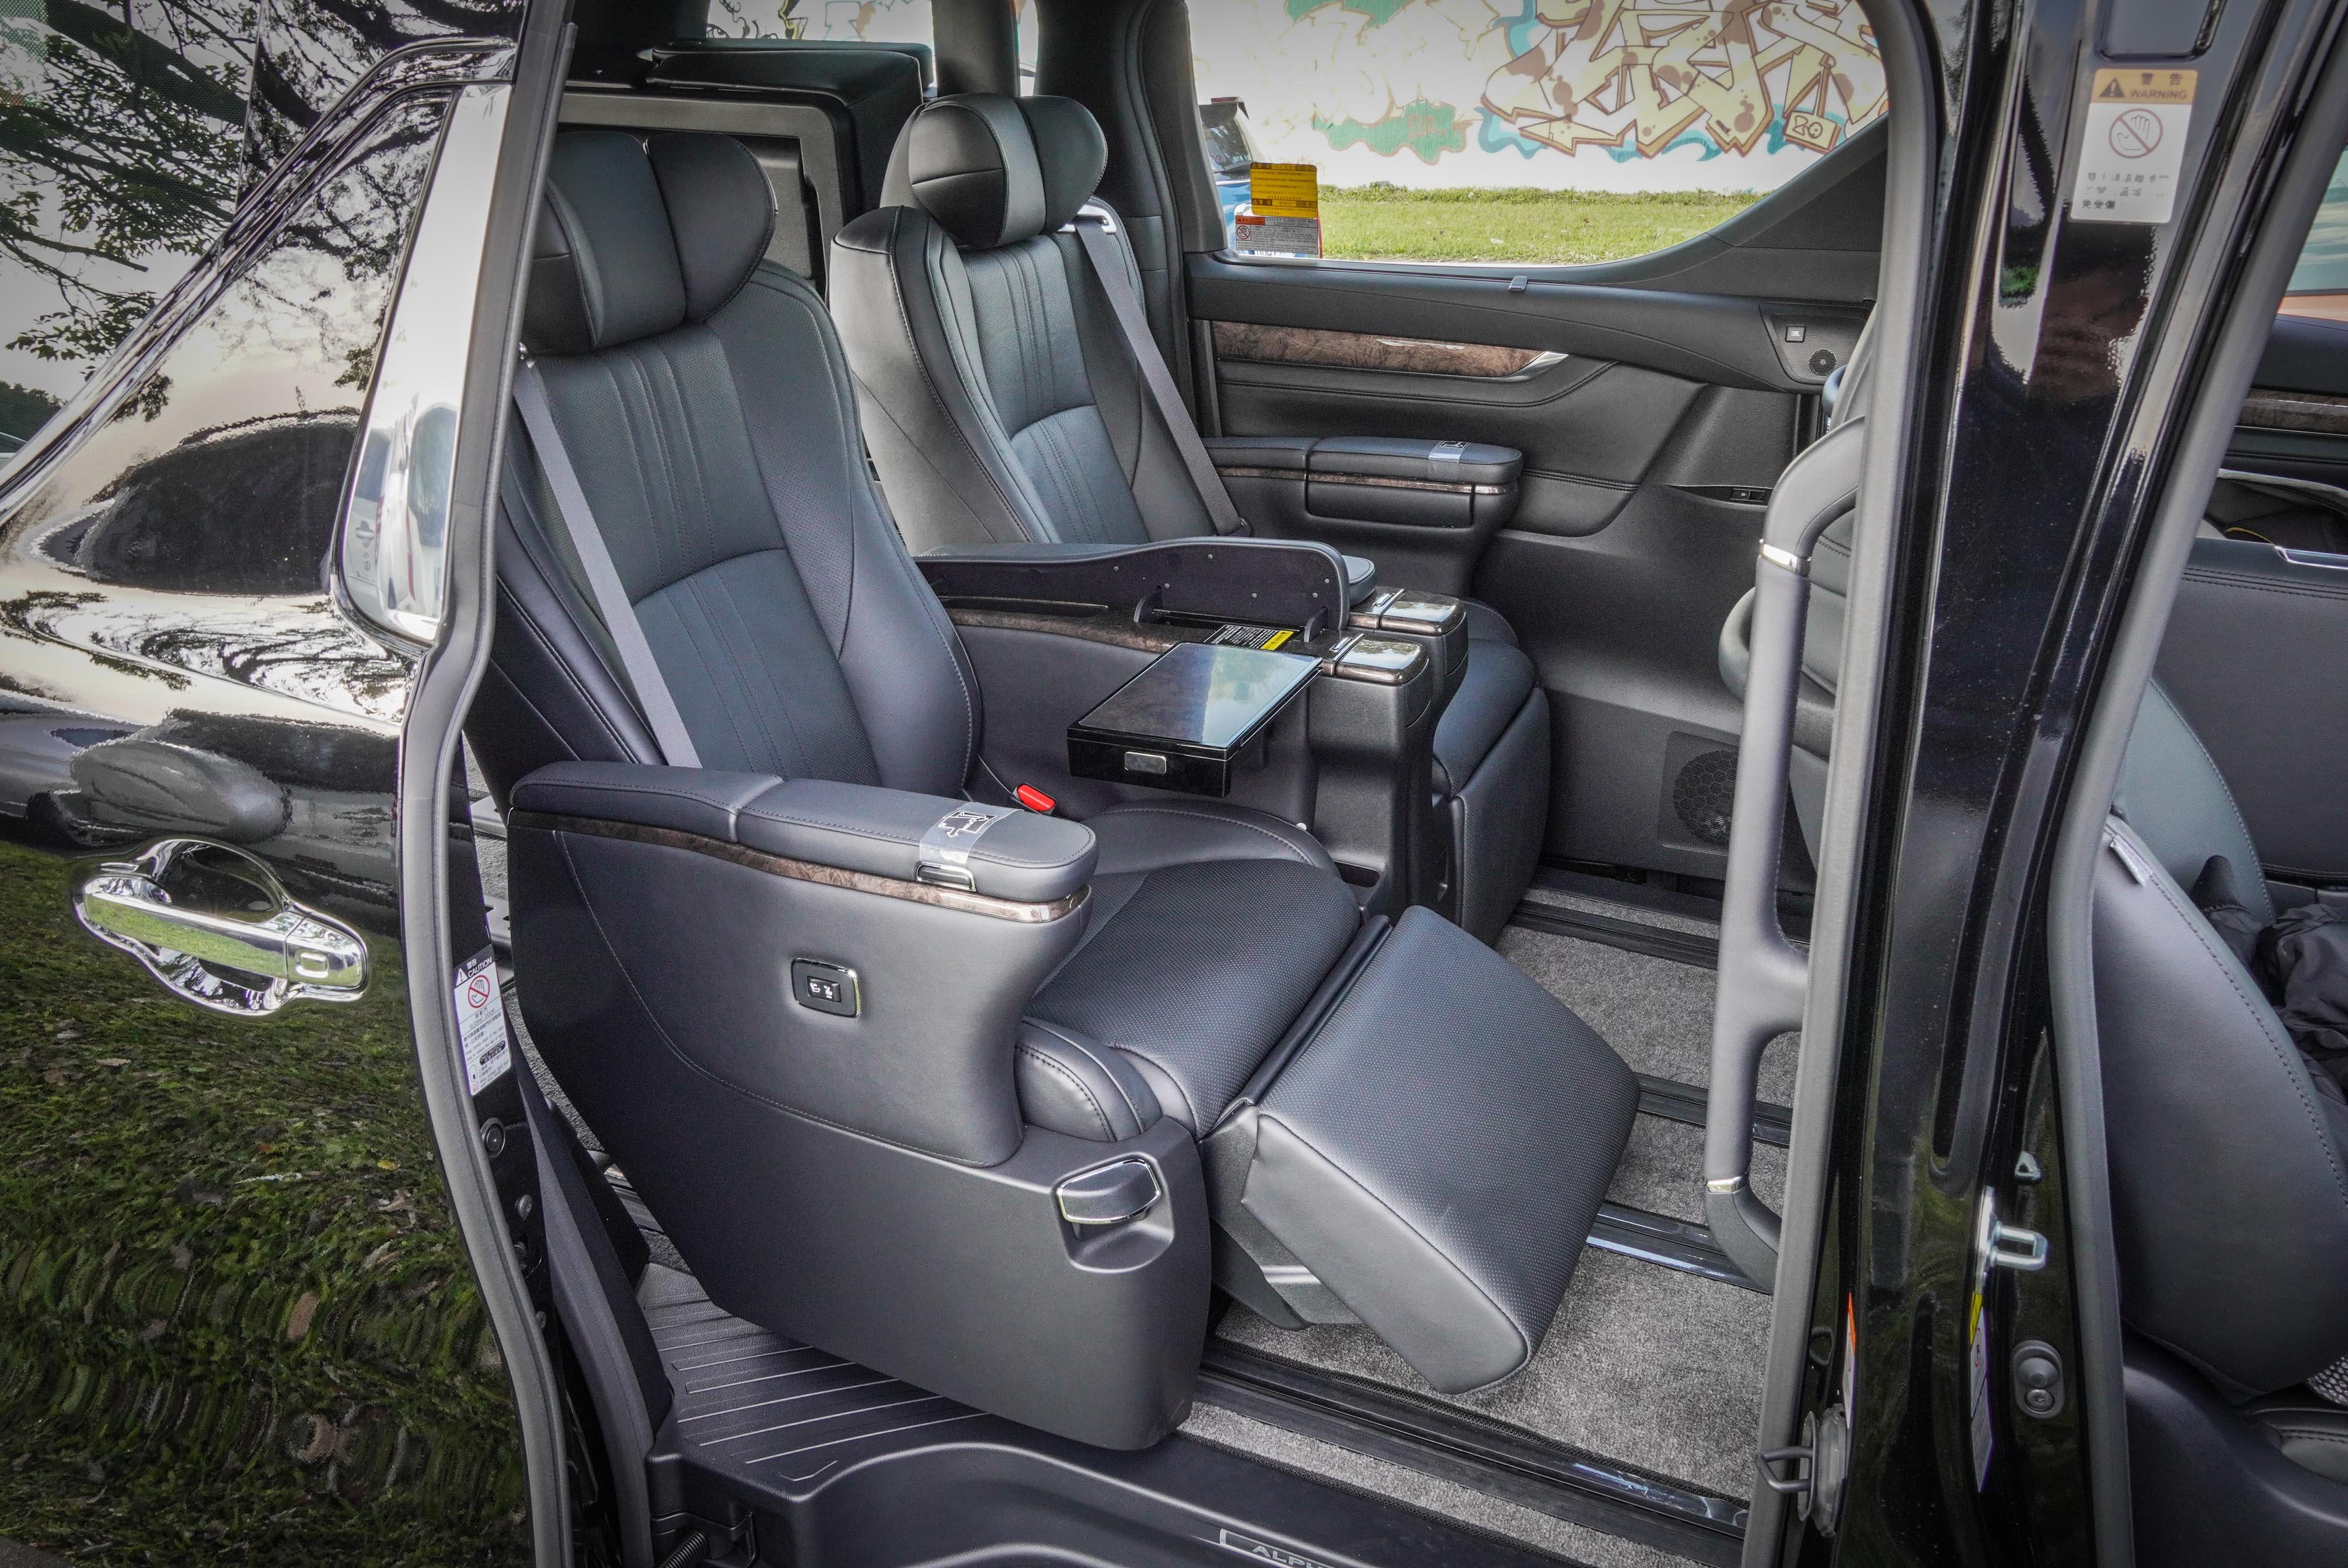 第二排座椅也採用 Ottoman 座椅,具備大型頭枕、扶手、頭枕仰角及耳部角度調整功能,並可以電動調整座姿,也有冷熱通風設計。